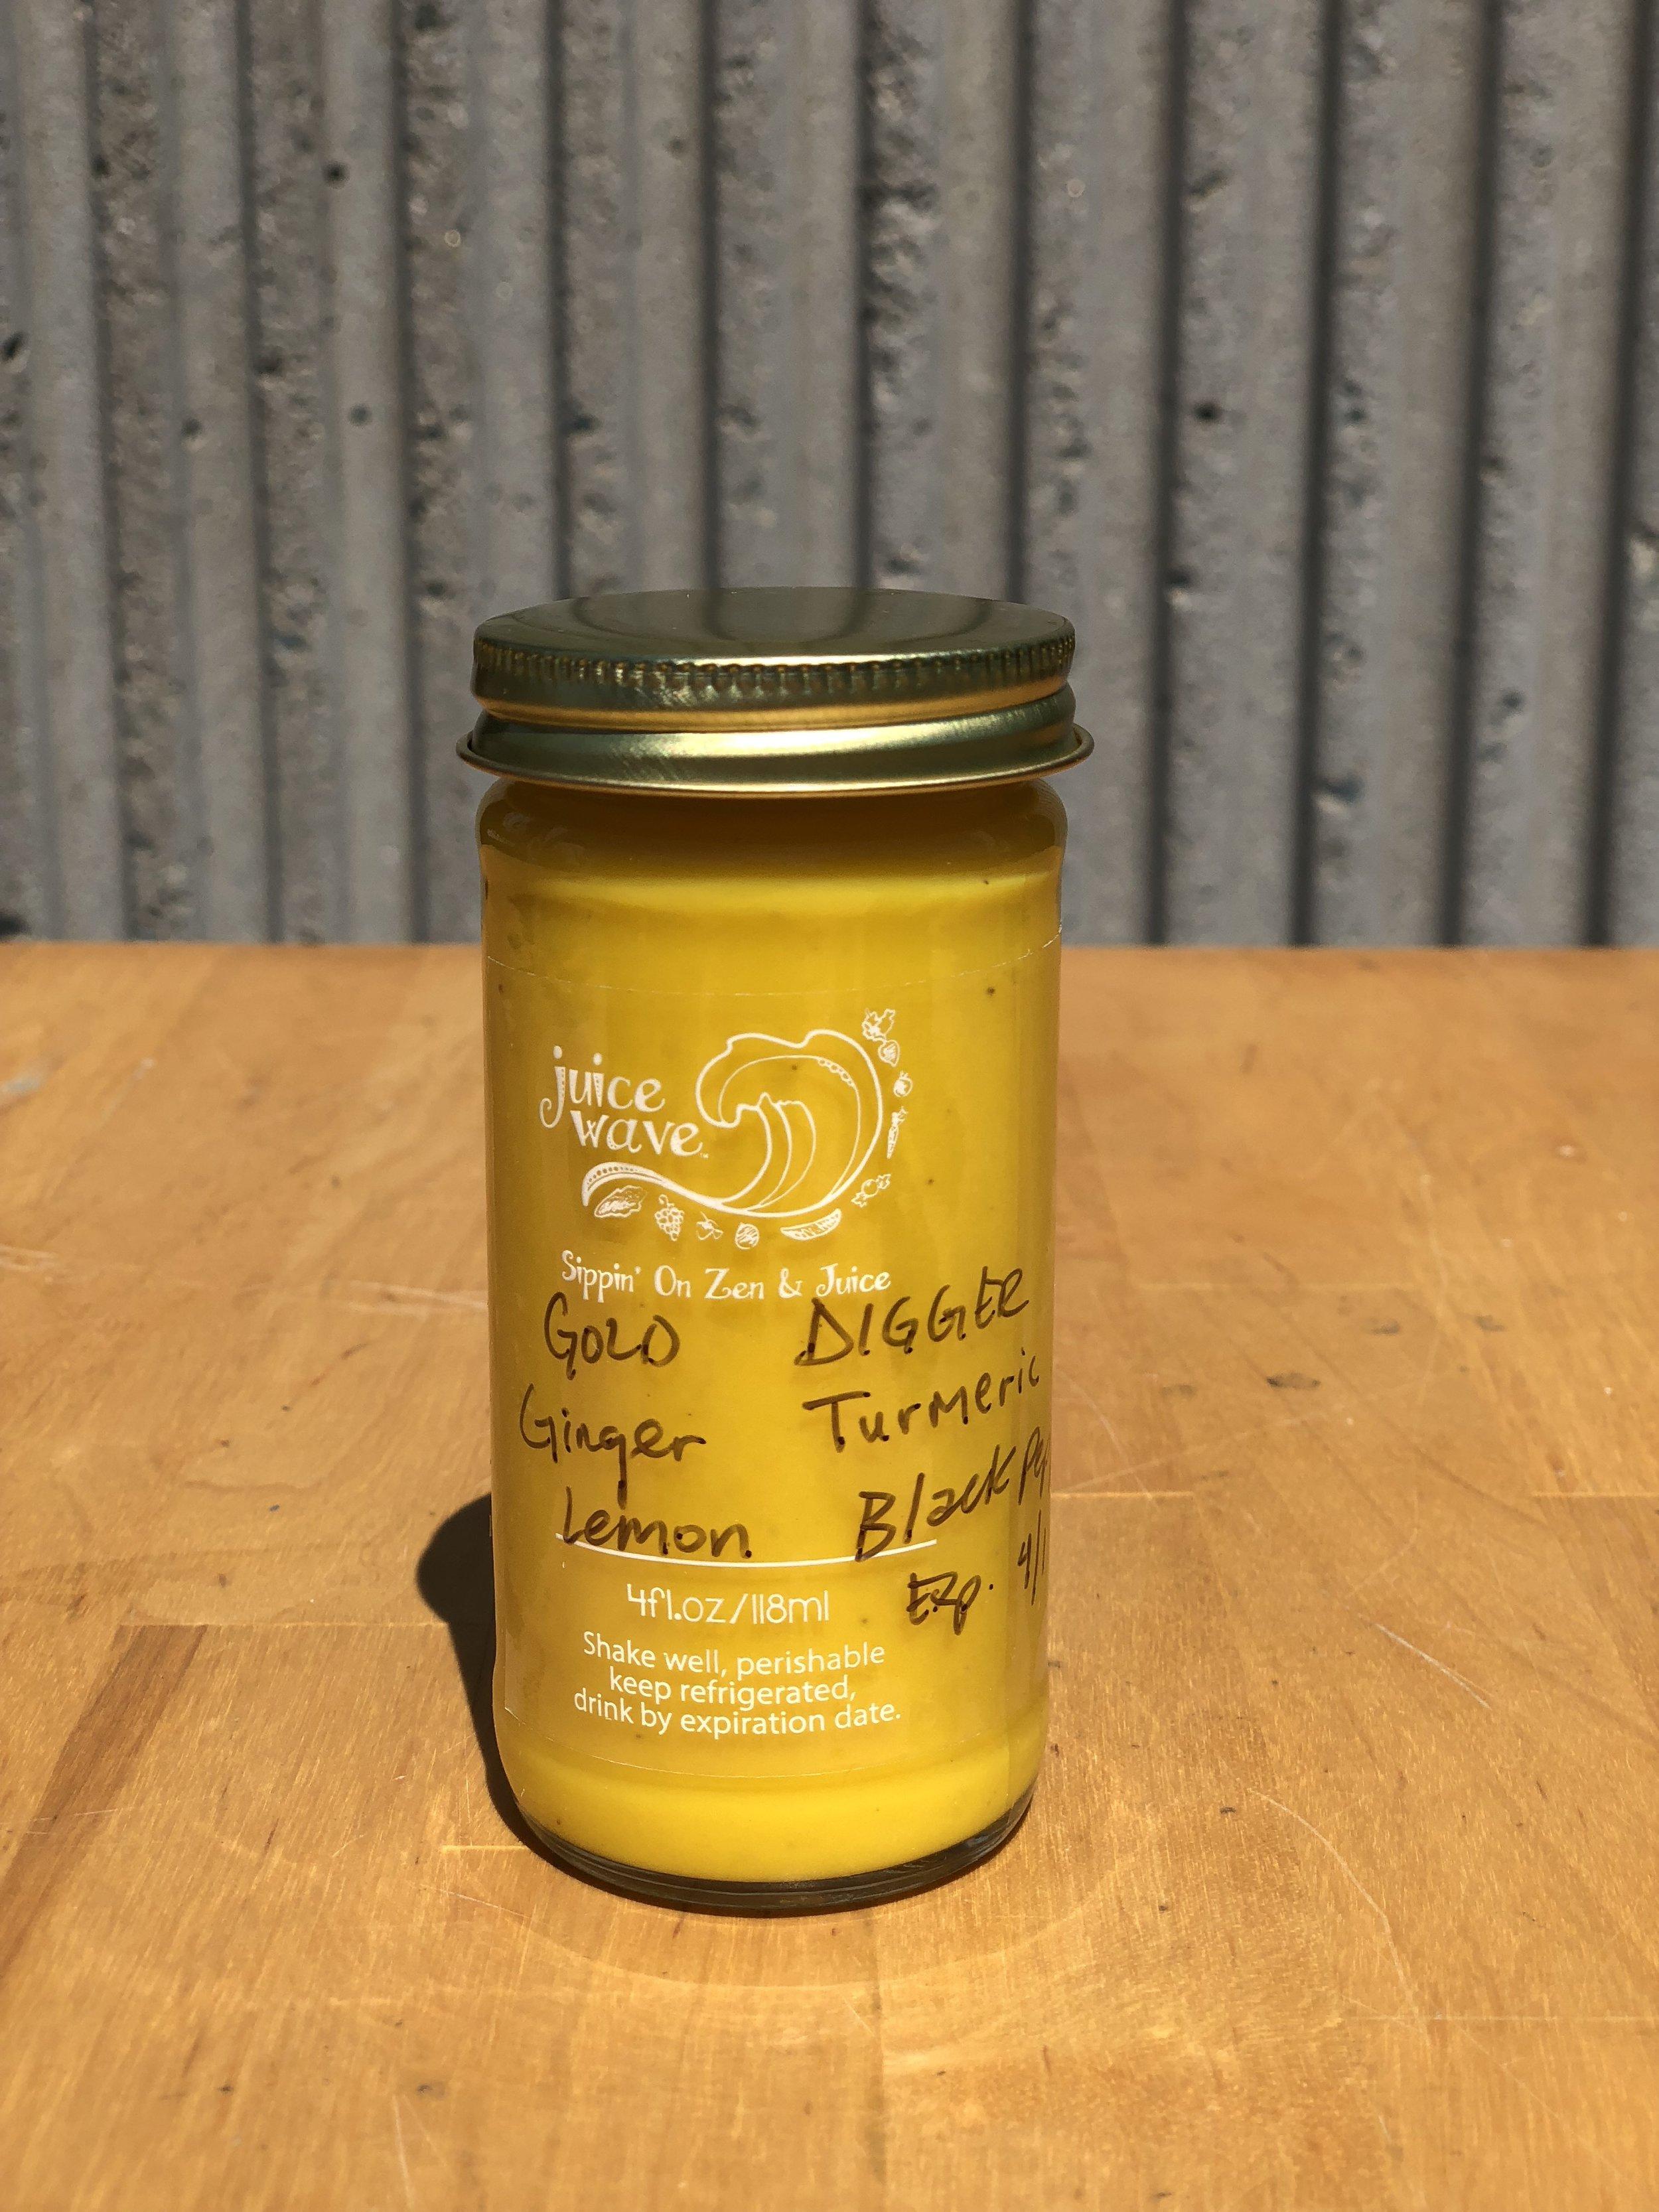 GOLD DIGGER: Ginger, Turmeric, Lemon, Black Pepper